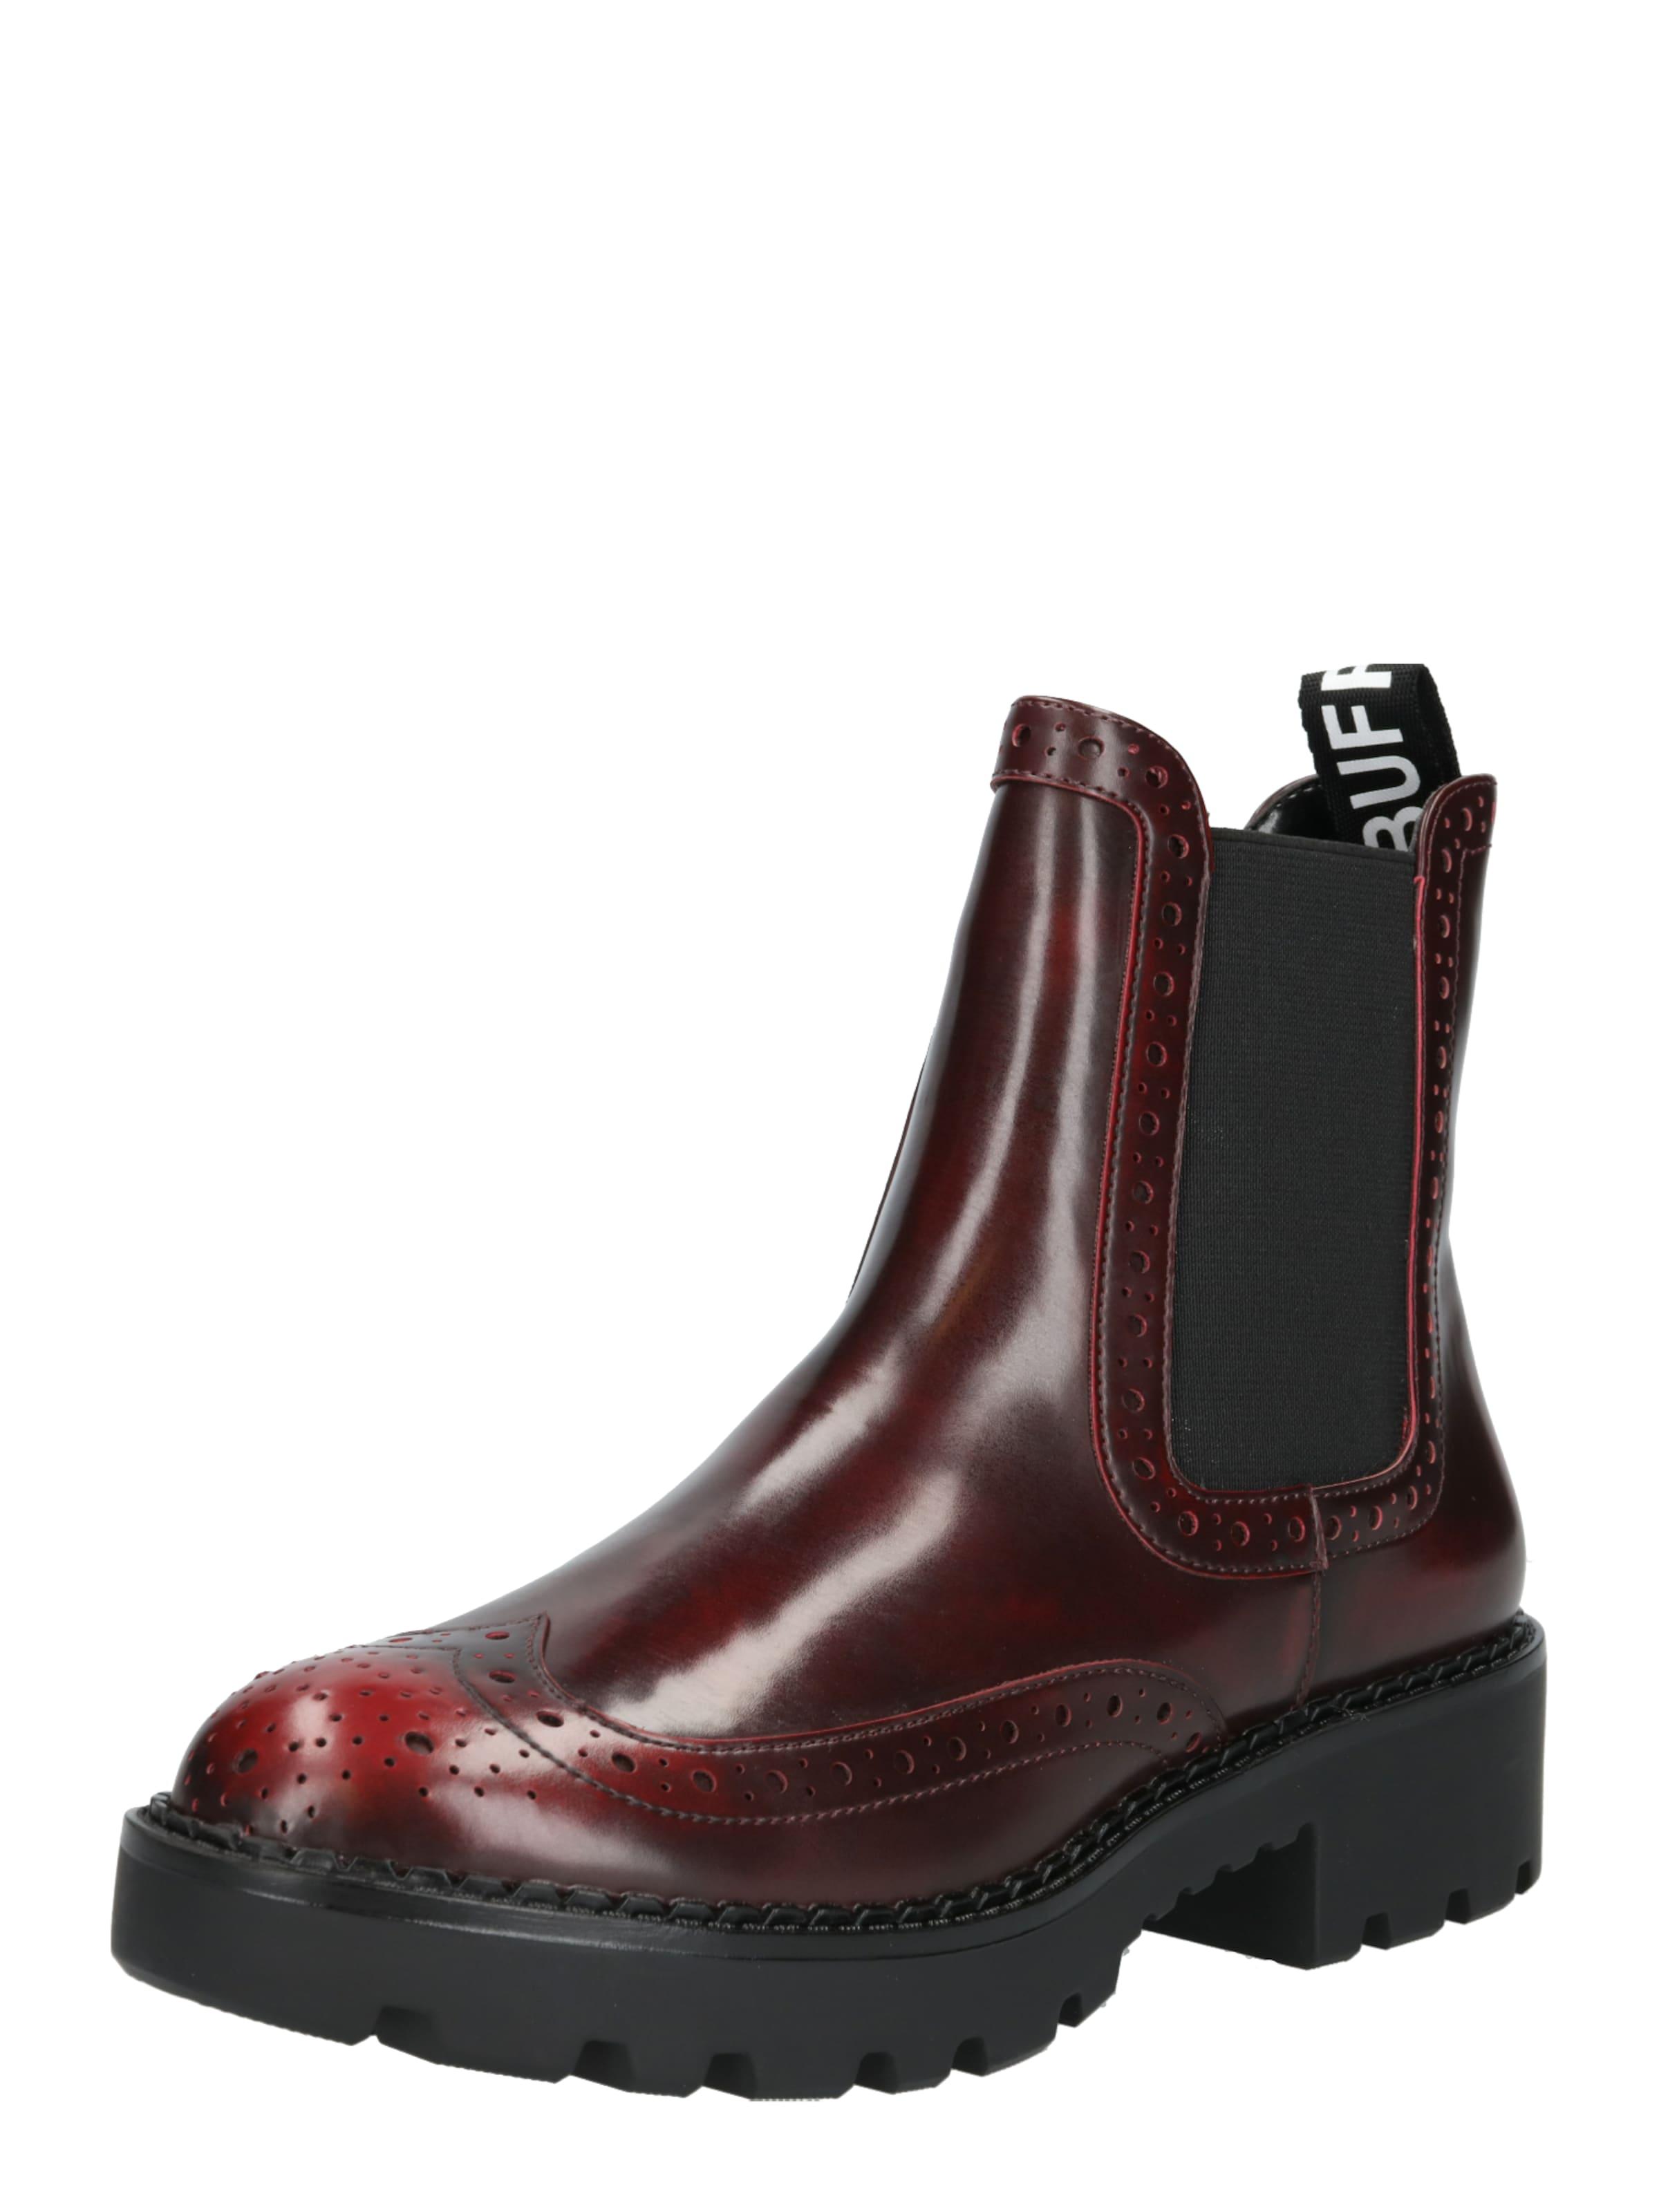 Chelsea Boot Buffalo 'fini' In Blutrot m8vNn0w